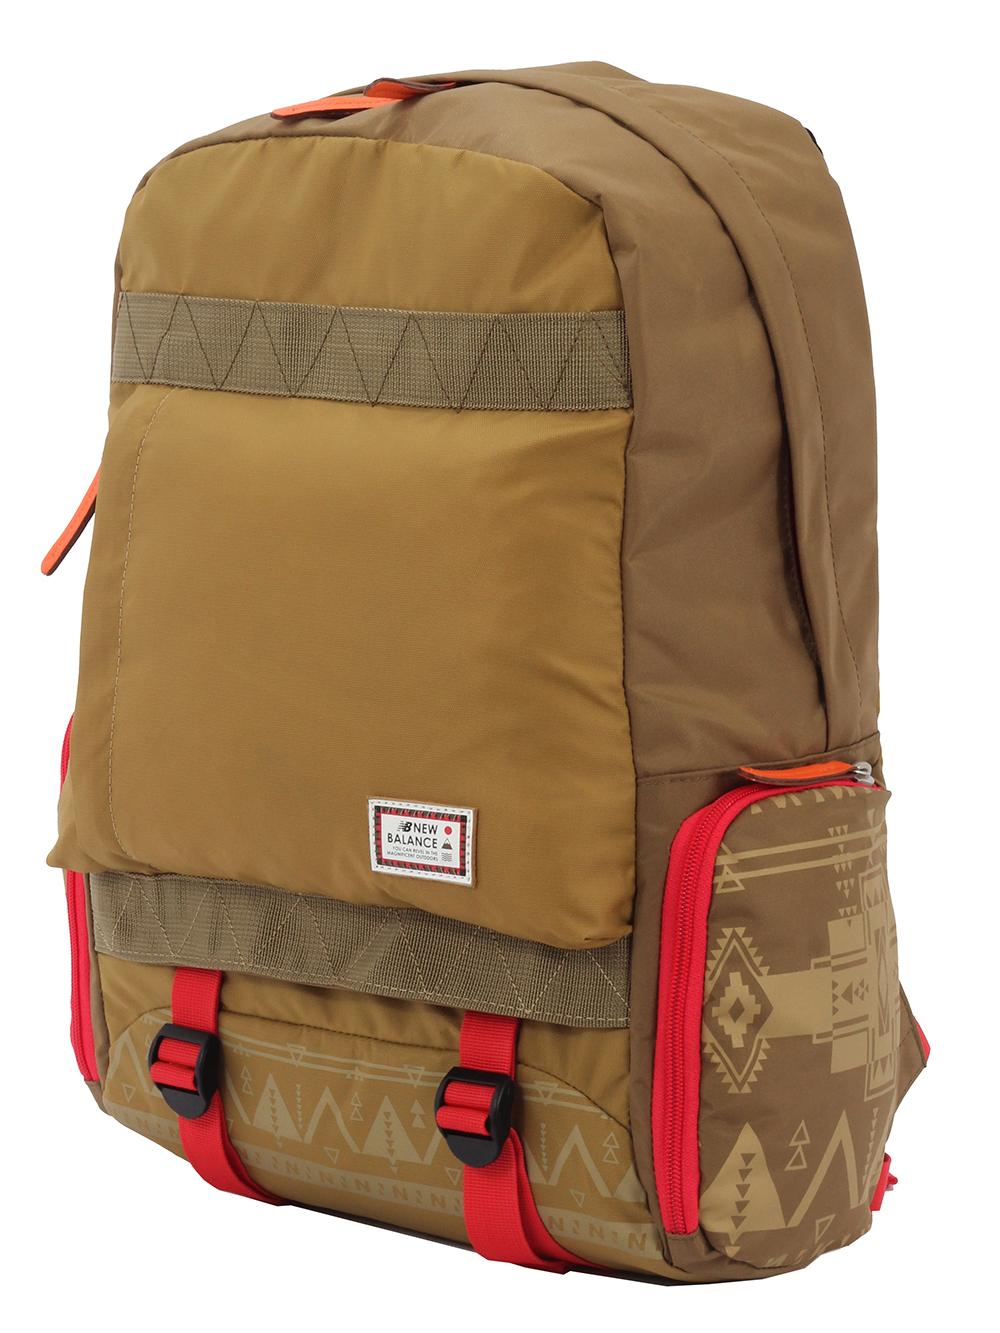 balo-hang-hieu-new-balance-untral-backpack-2